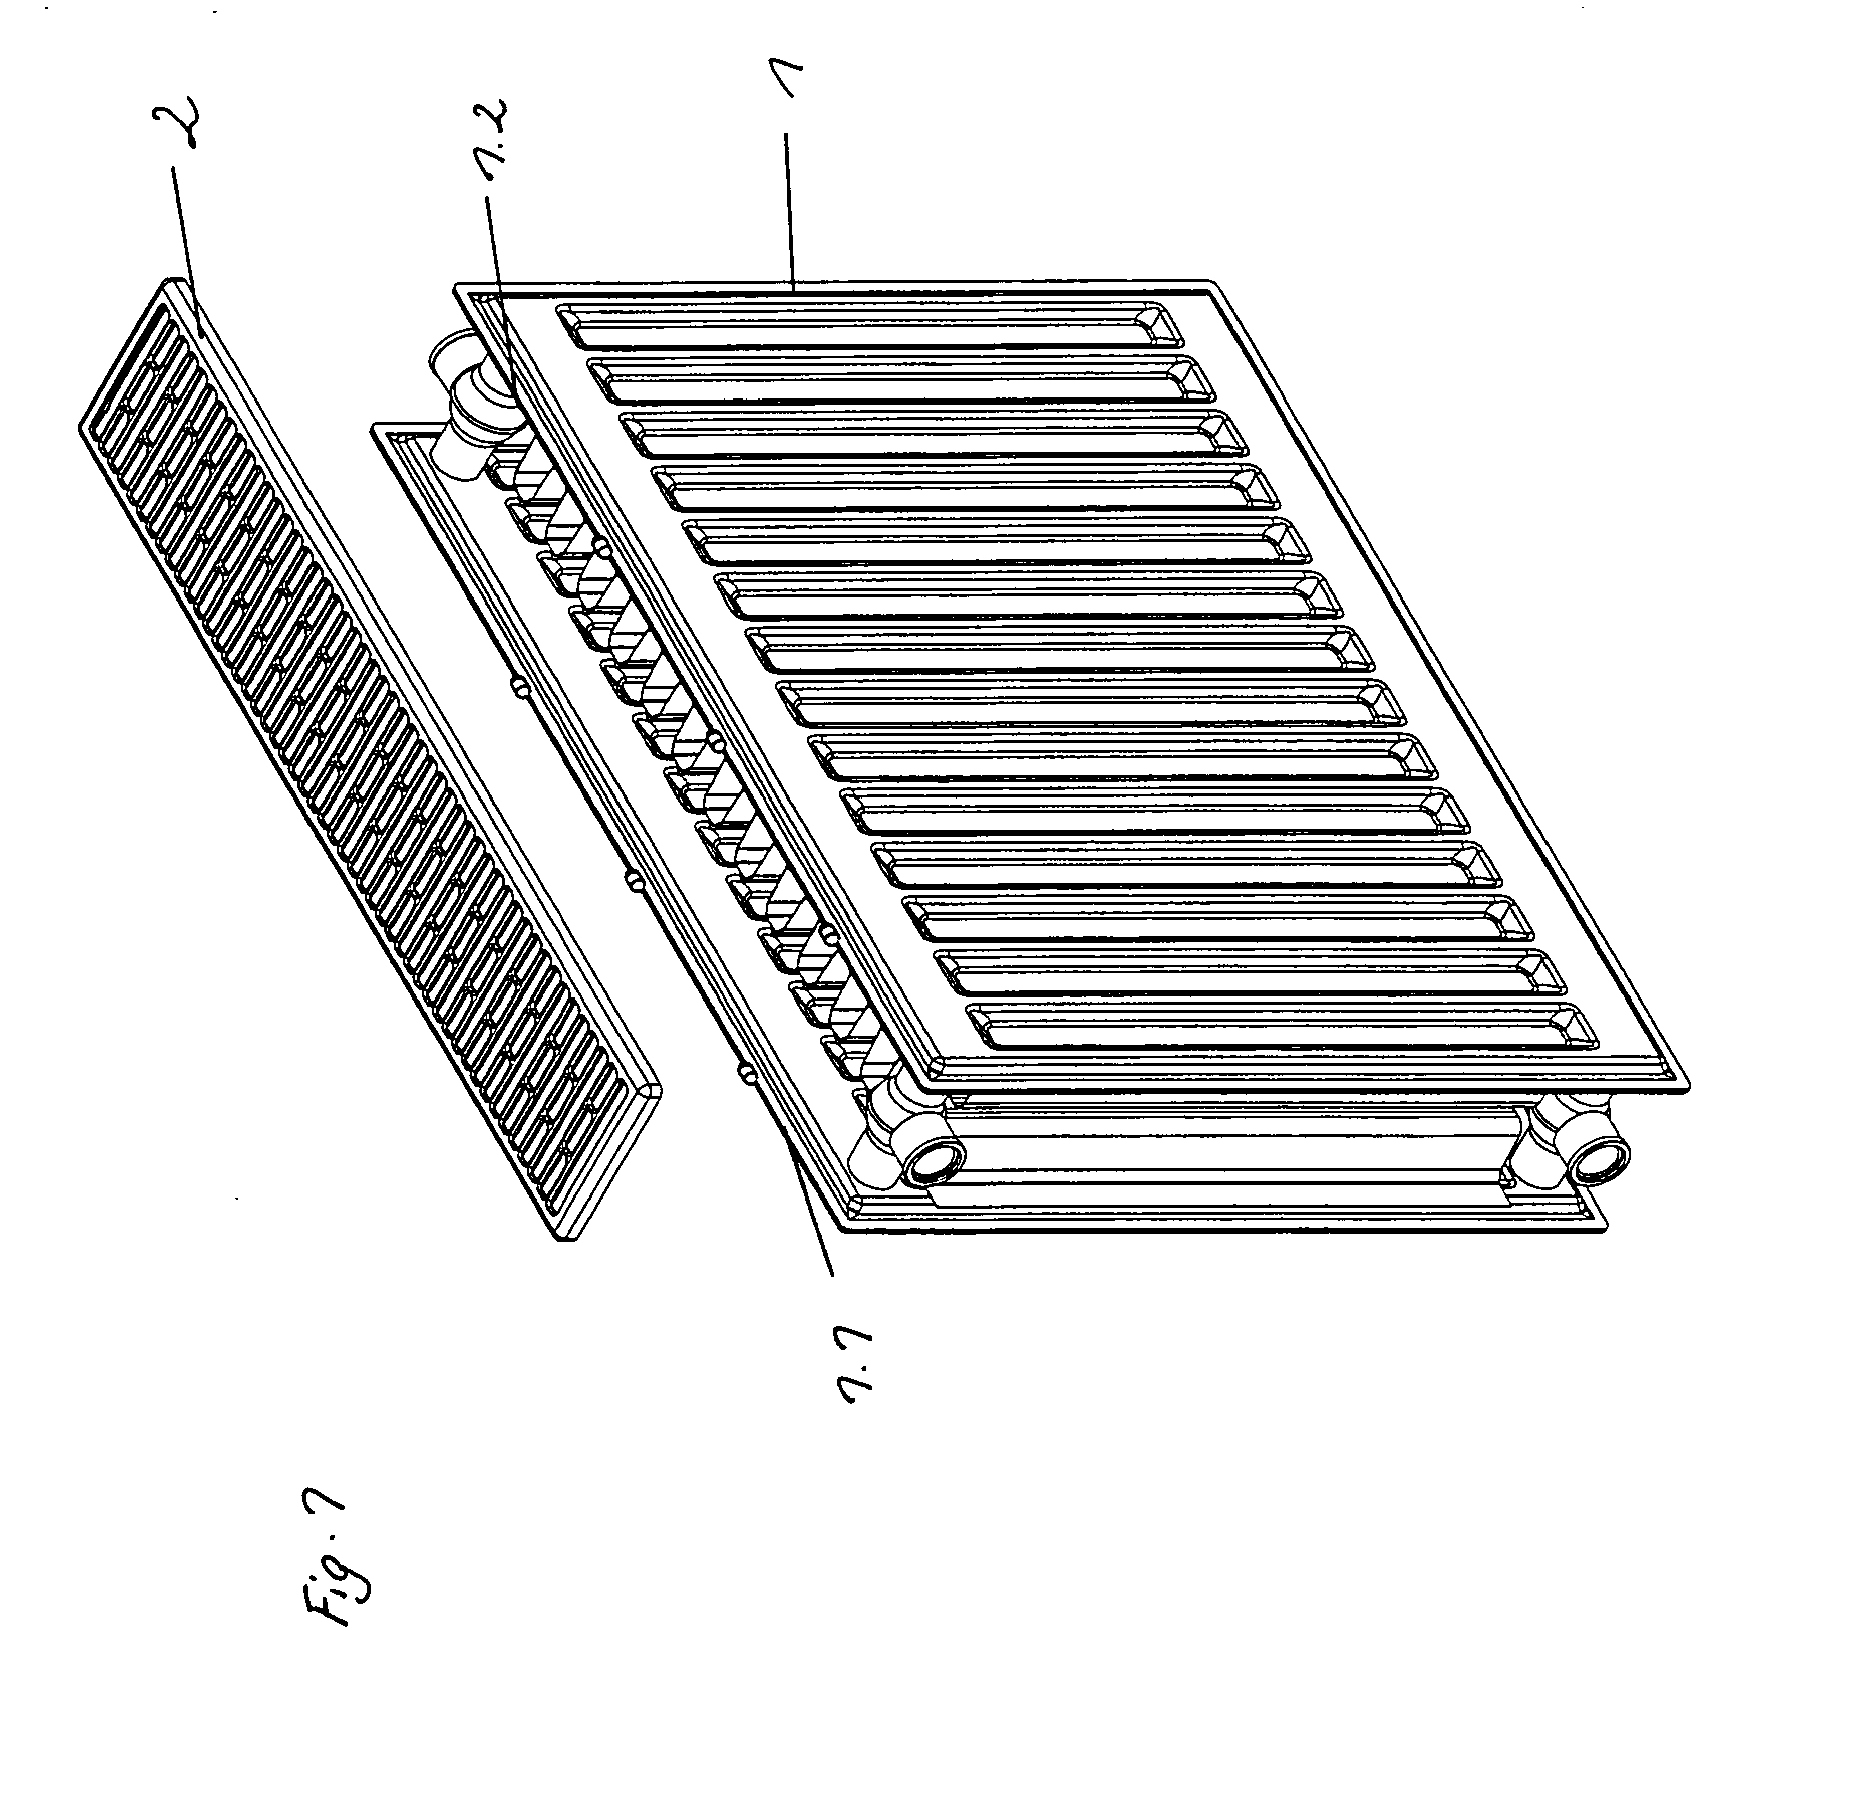 patent ep2119973a2 verfahren zur herstellung eines heizk rpers mit einer heizk rperabdeckung. Black Bedroom Furniture Sets. Home Design Ideas